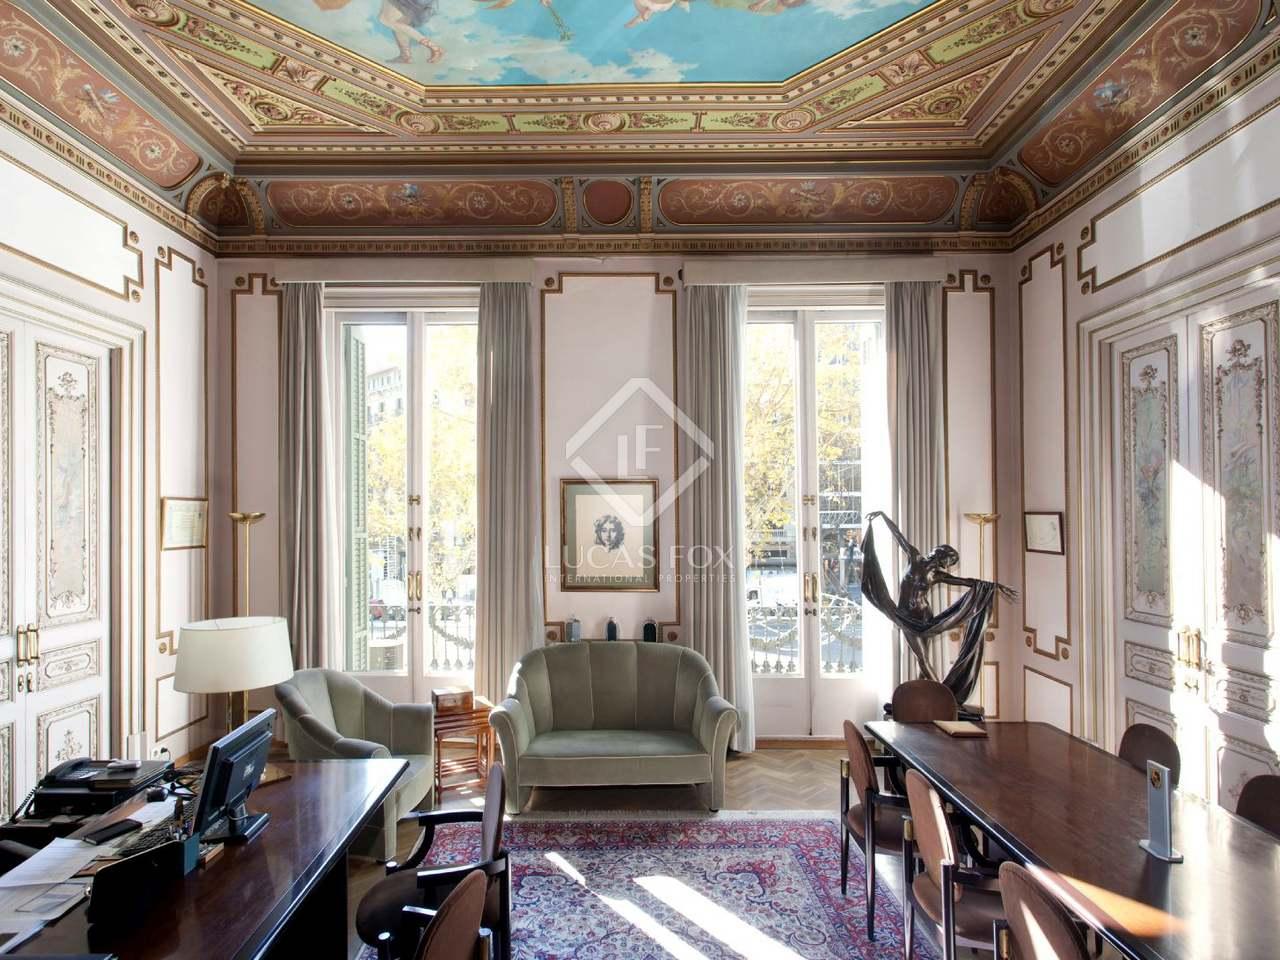 Appartement avec terrasse en vente passeig de gr cia barcelone - Acheter appartement a barcelone ...